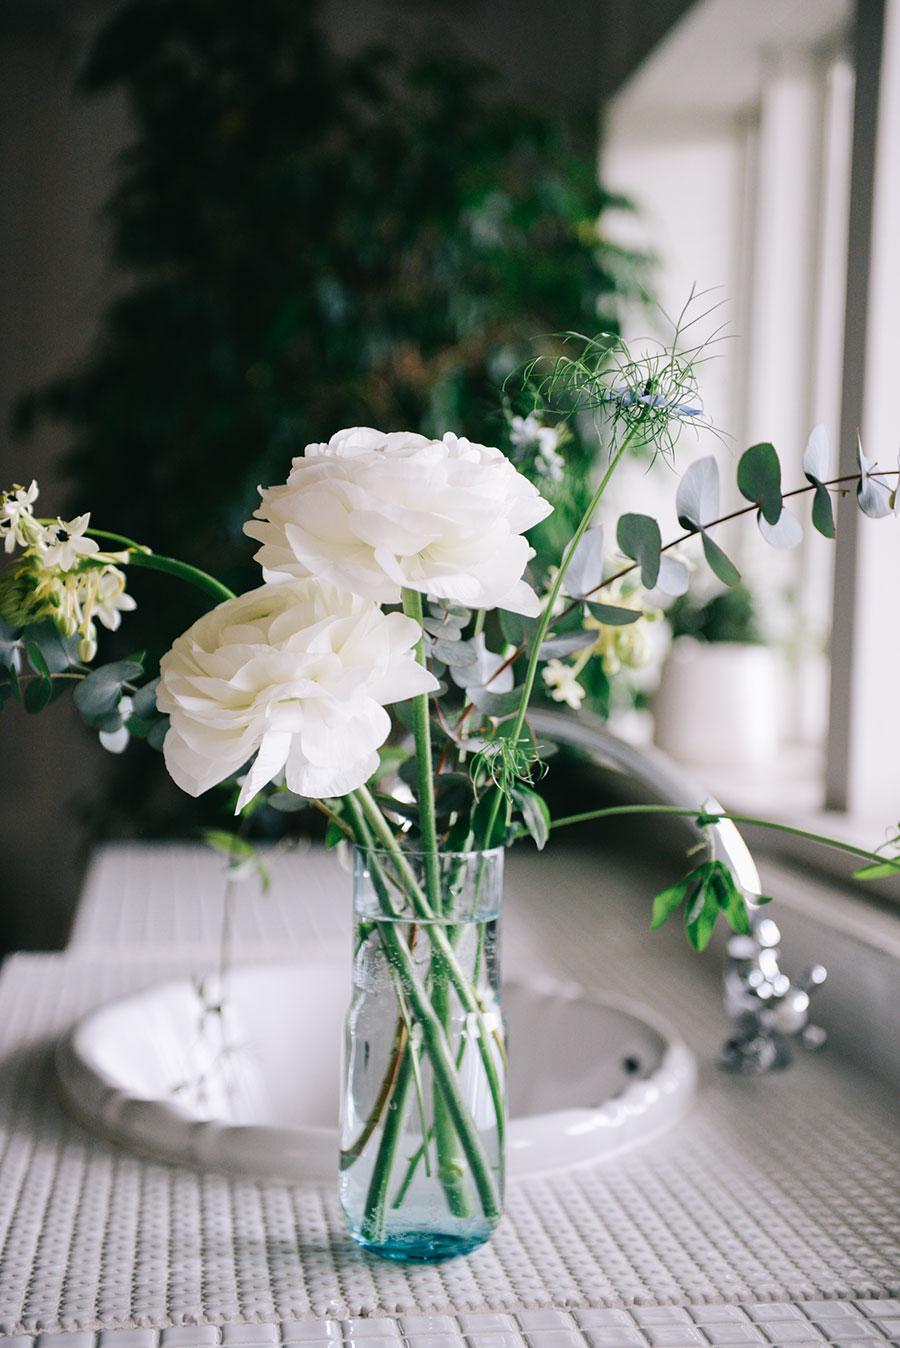 『LIFFT 定期便』は季節の花が届く。2021年2月号は、ラナンキュラスを中心とした花材となる。3月号はアルストロメリアを予定。3300円/月(税込)。